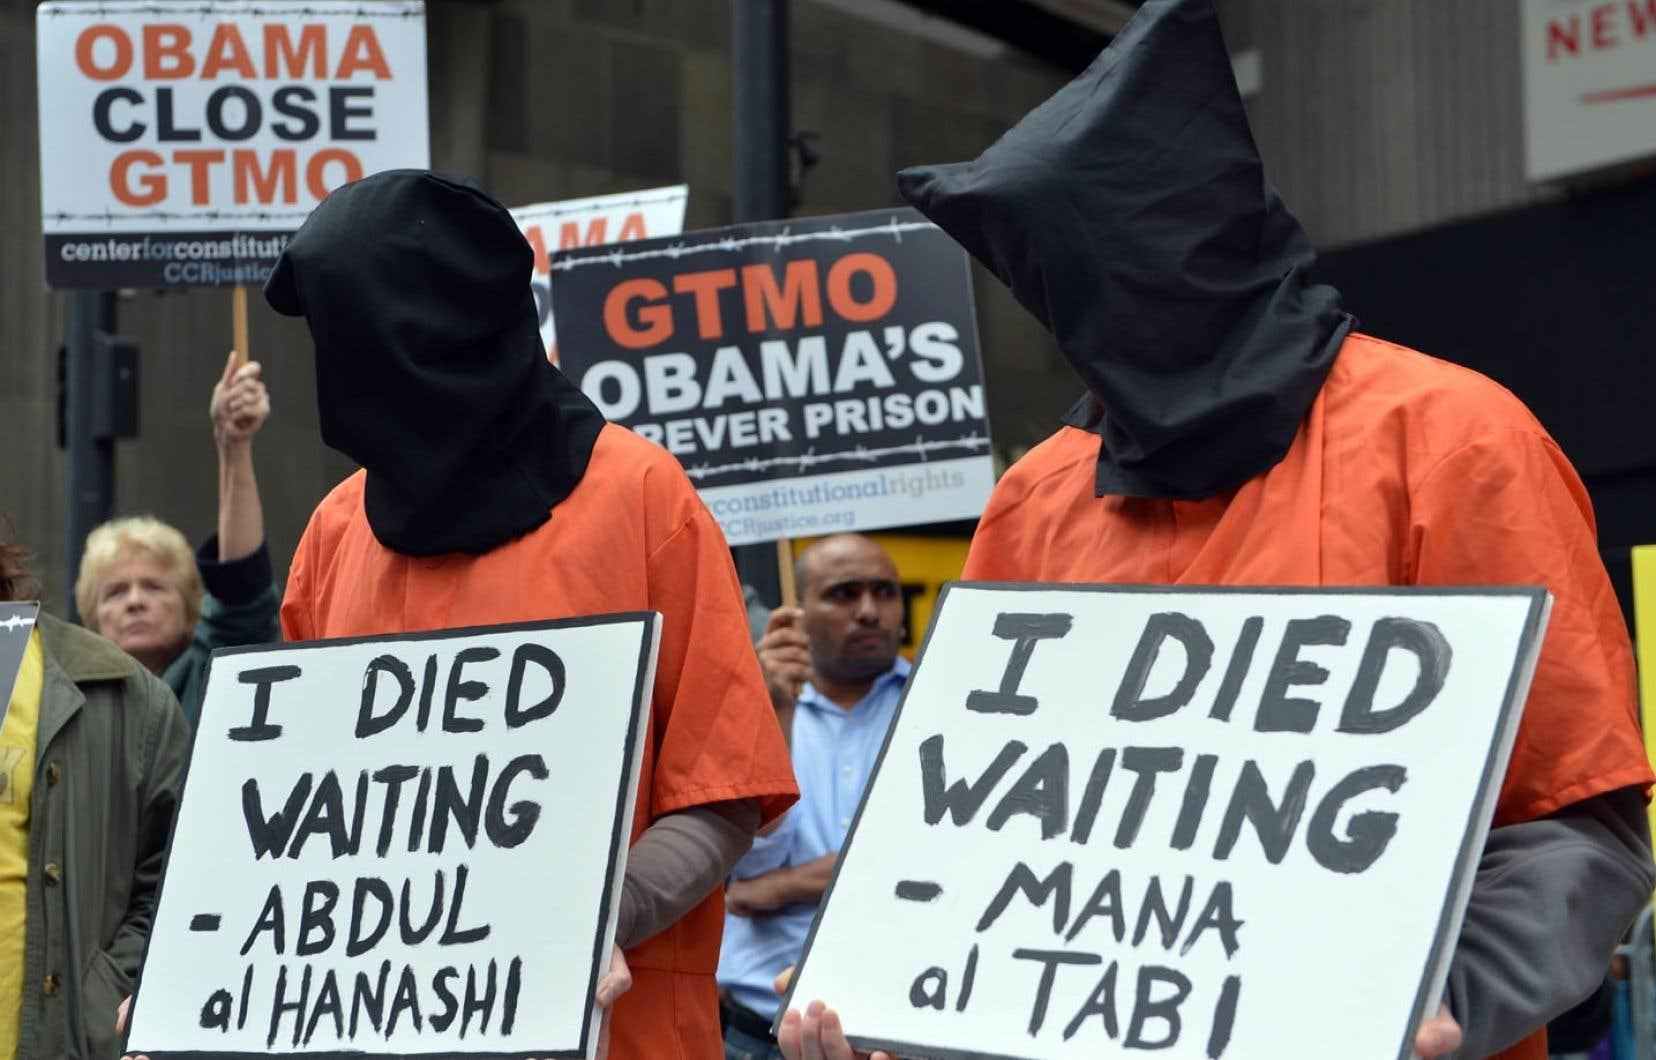 <div> Les manifestations r&eacute;clamant la fermeture de la prison de Guant&aacute;namo se poursuivent aux &Eacute;tats-Unis.</div>